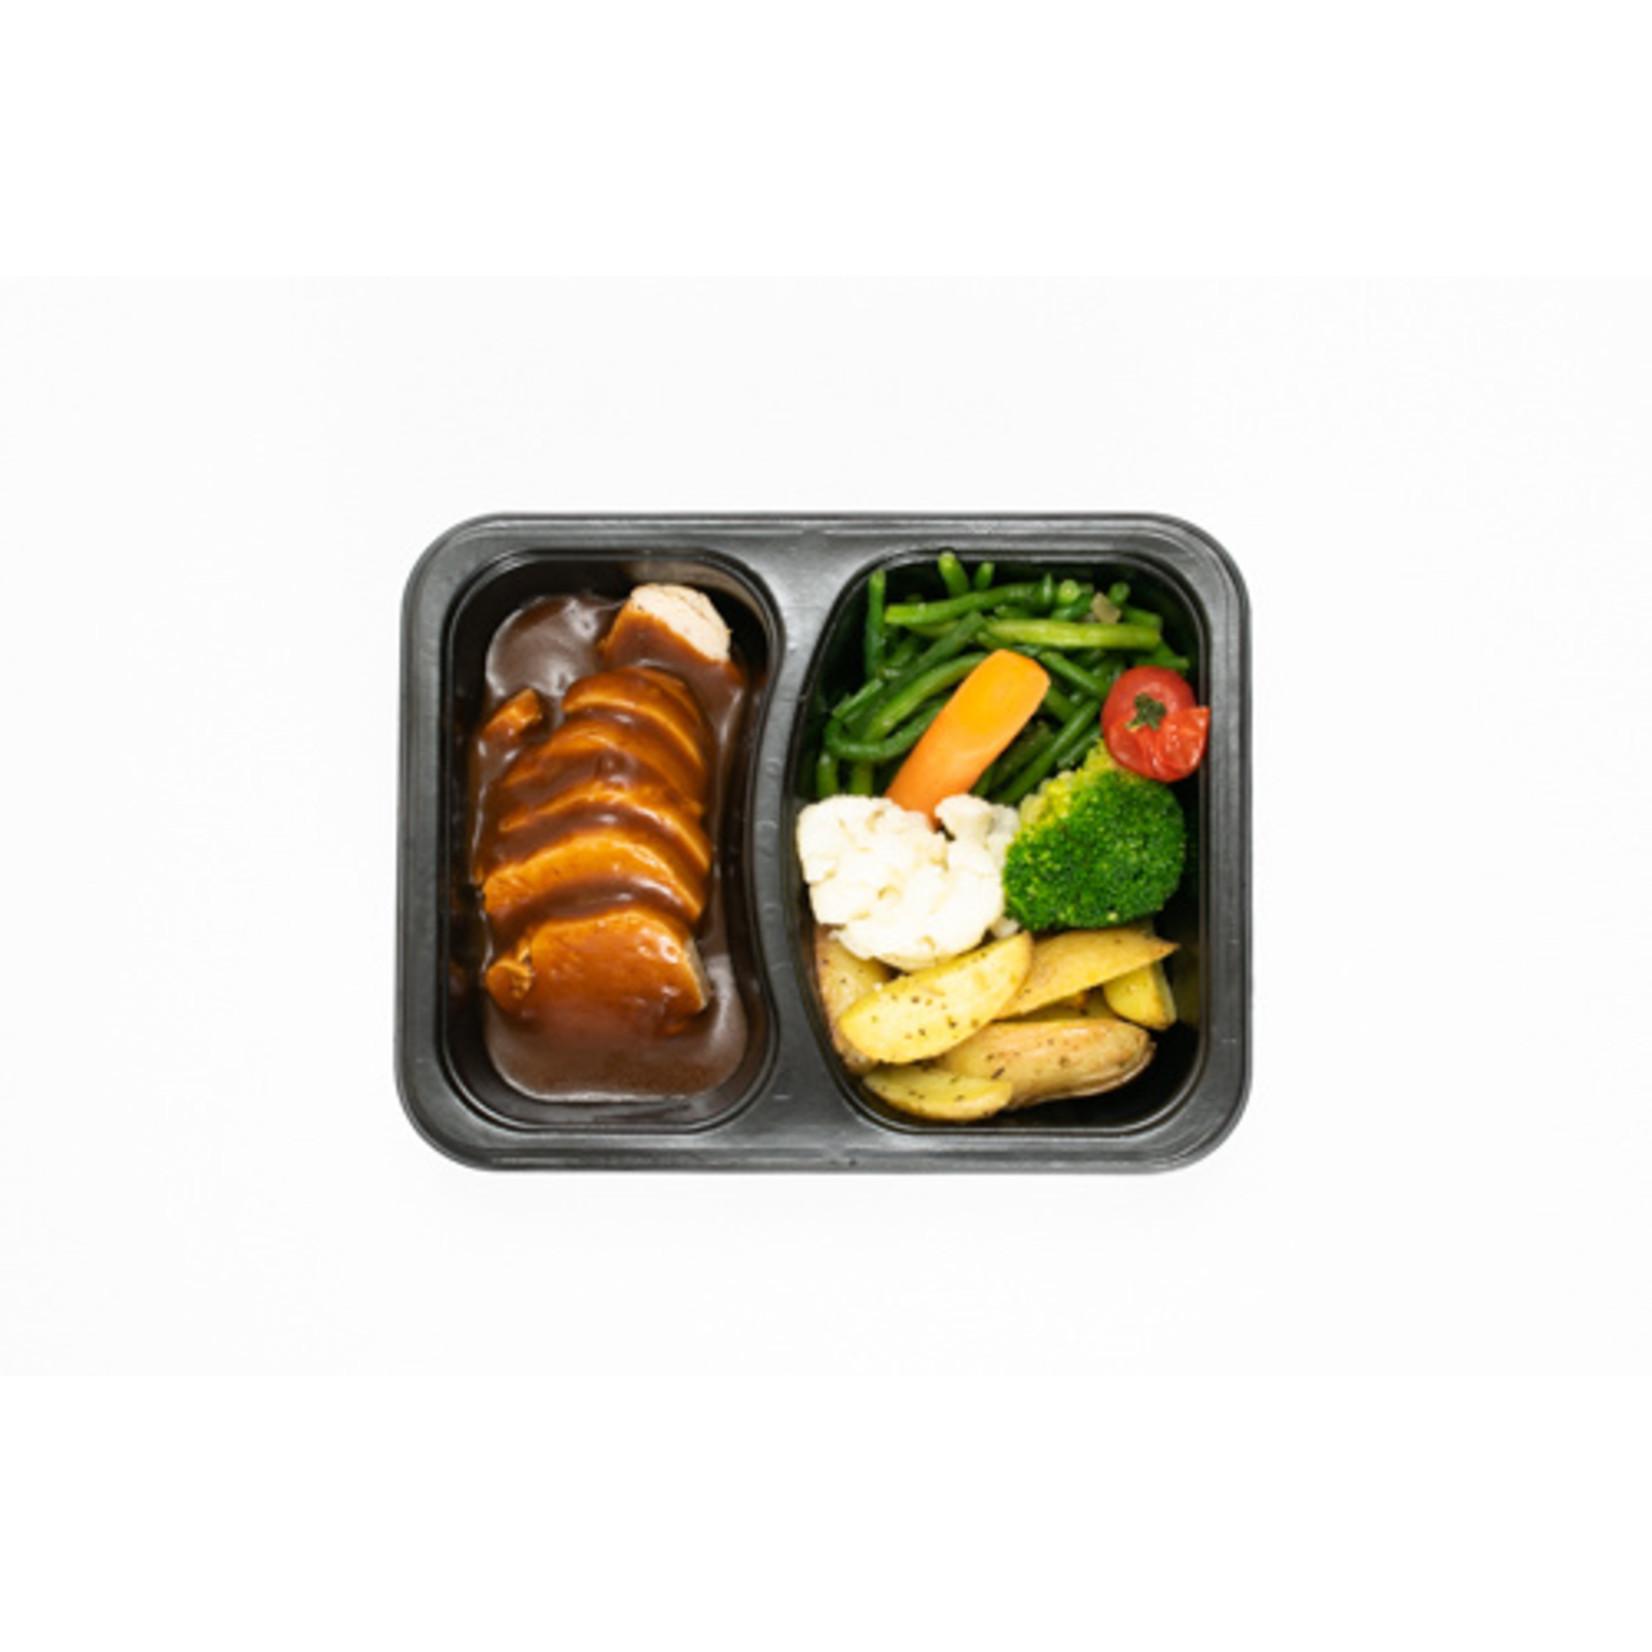 Bressekip met Groenten en Aardappelen